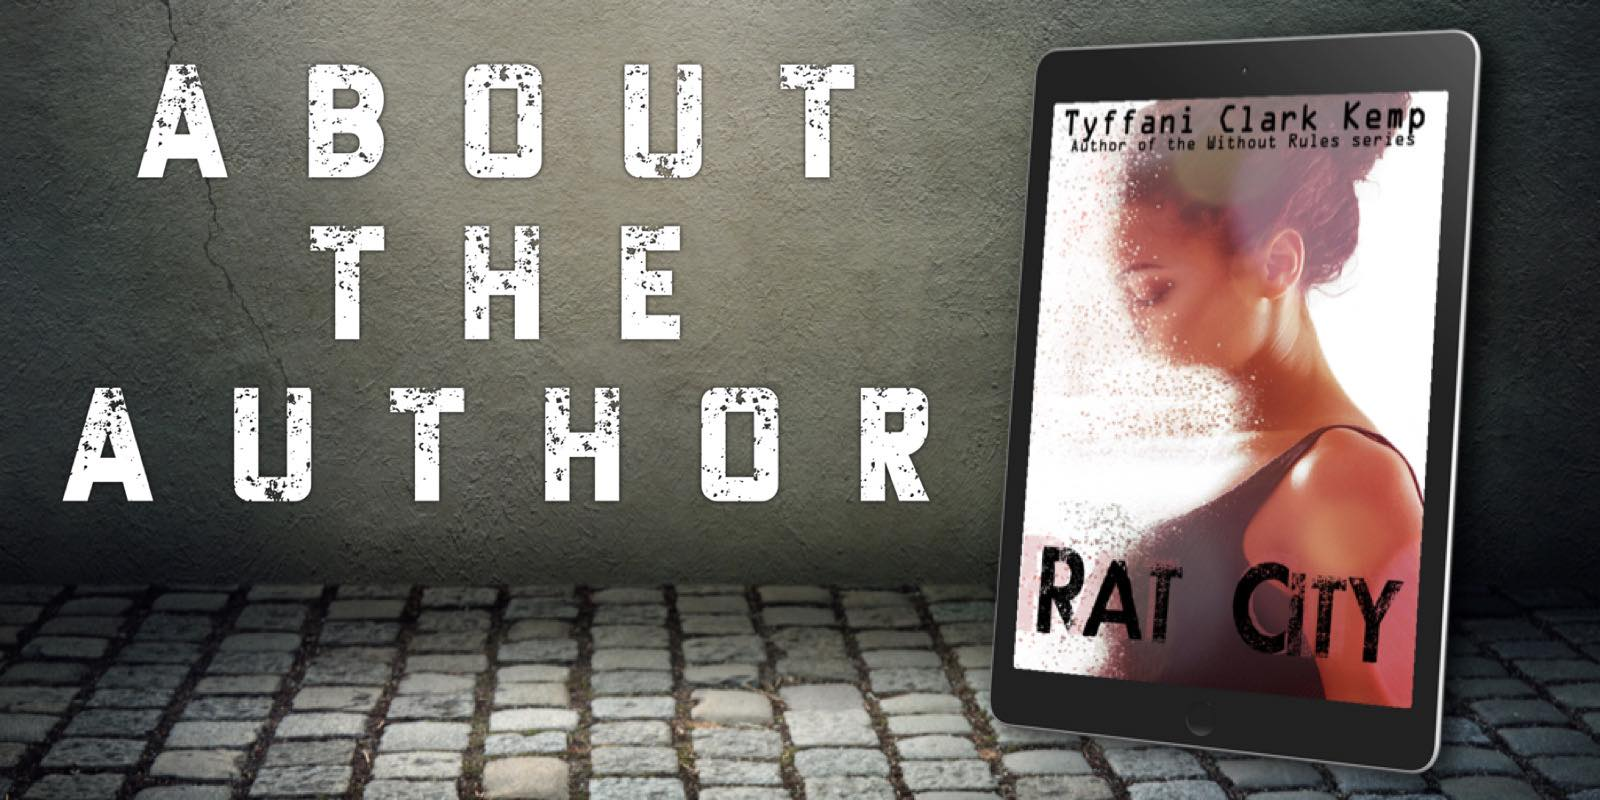 rat city author